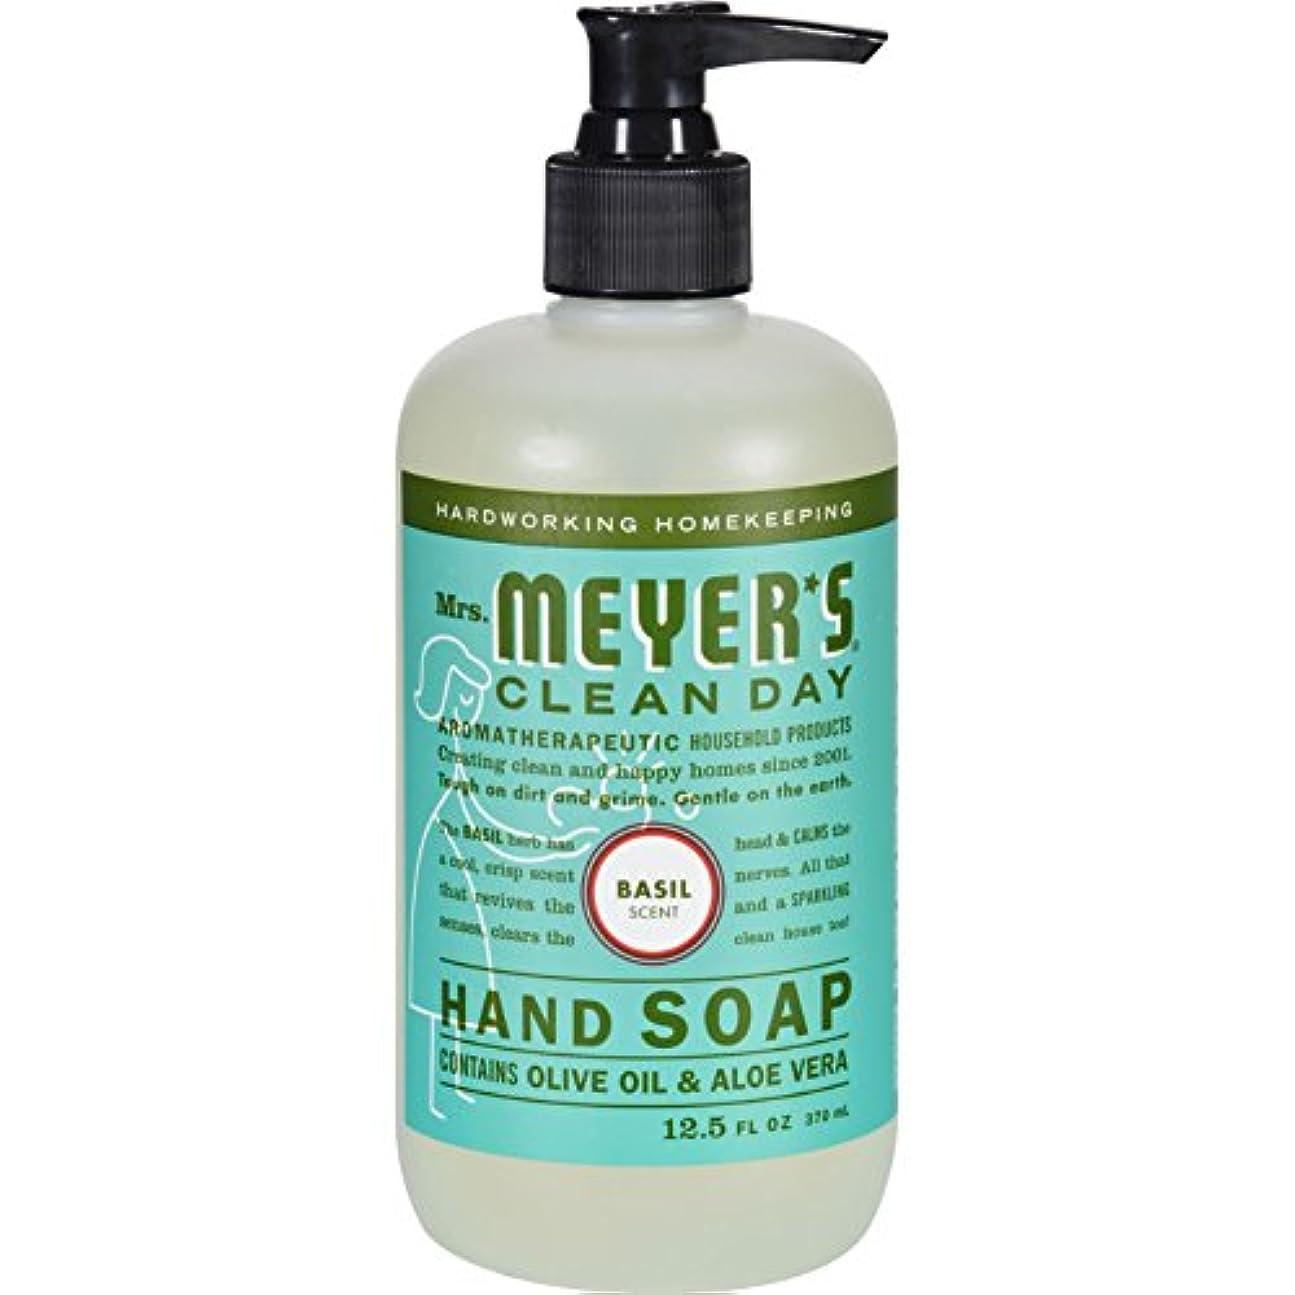 アリケント火傷MRS. MEYER'S HAND SOAP,LIQ,BASIL, 12.5 FZ by Mrs. Meyer's Clean Day